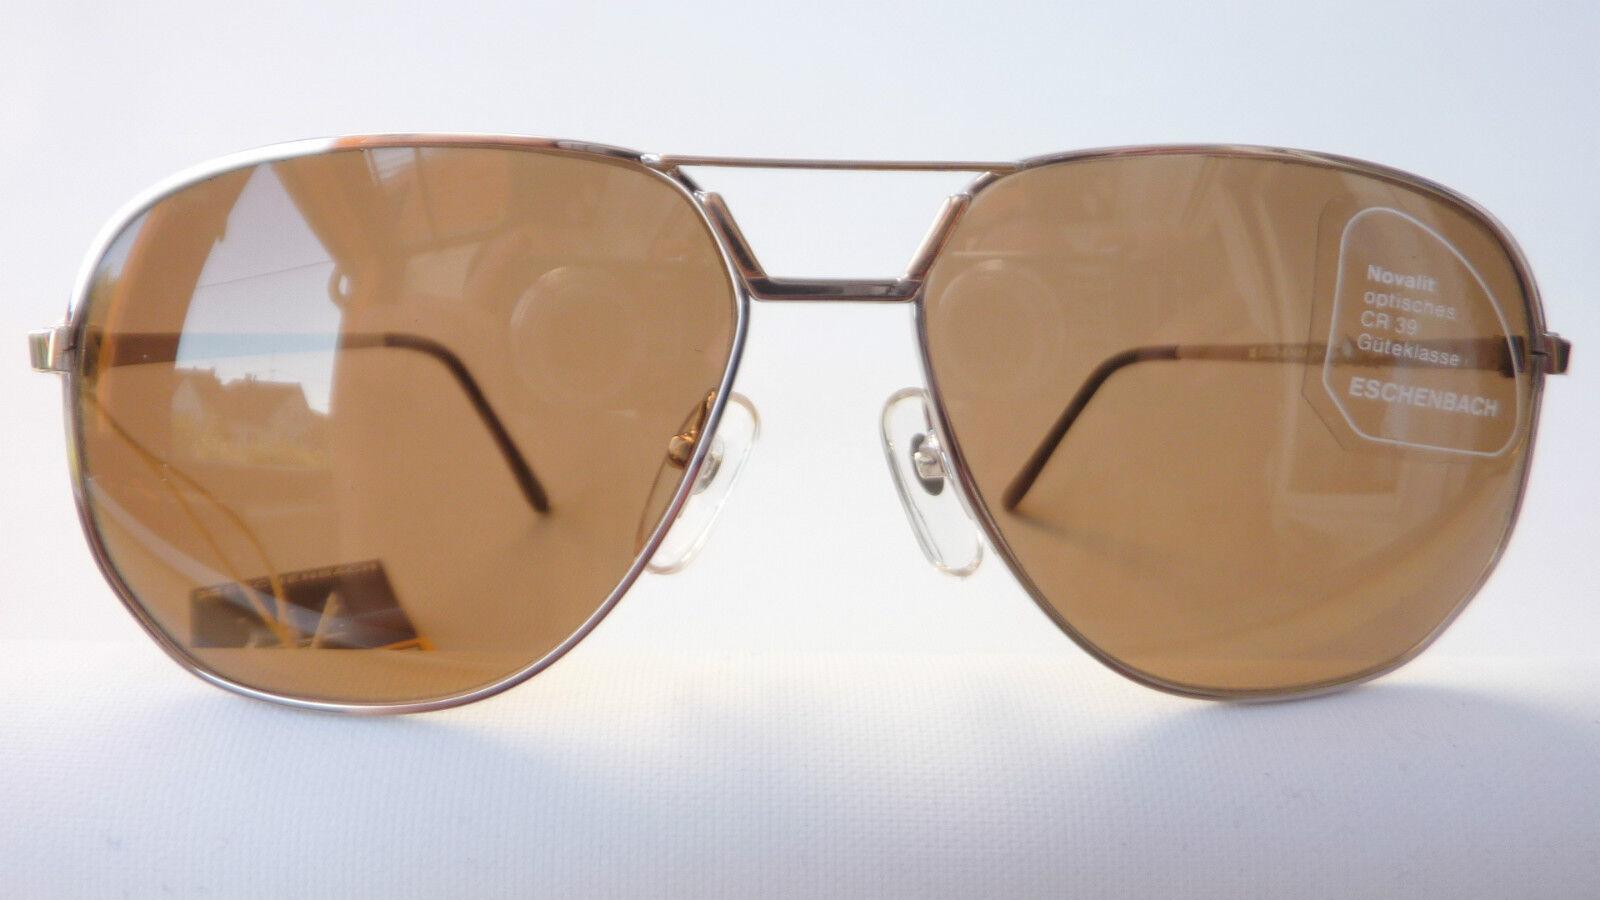 Eschenbach Eschenbach Eschenbach Herren Sonnenbrille silber Gold Metall große Gläser 85%braun Größe L | Reichlich Und Pünktliche Lieferung  | Verrückte Preis  | Genial  e11977